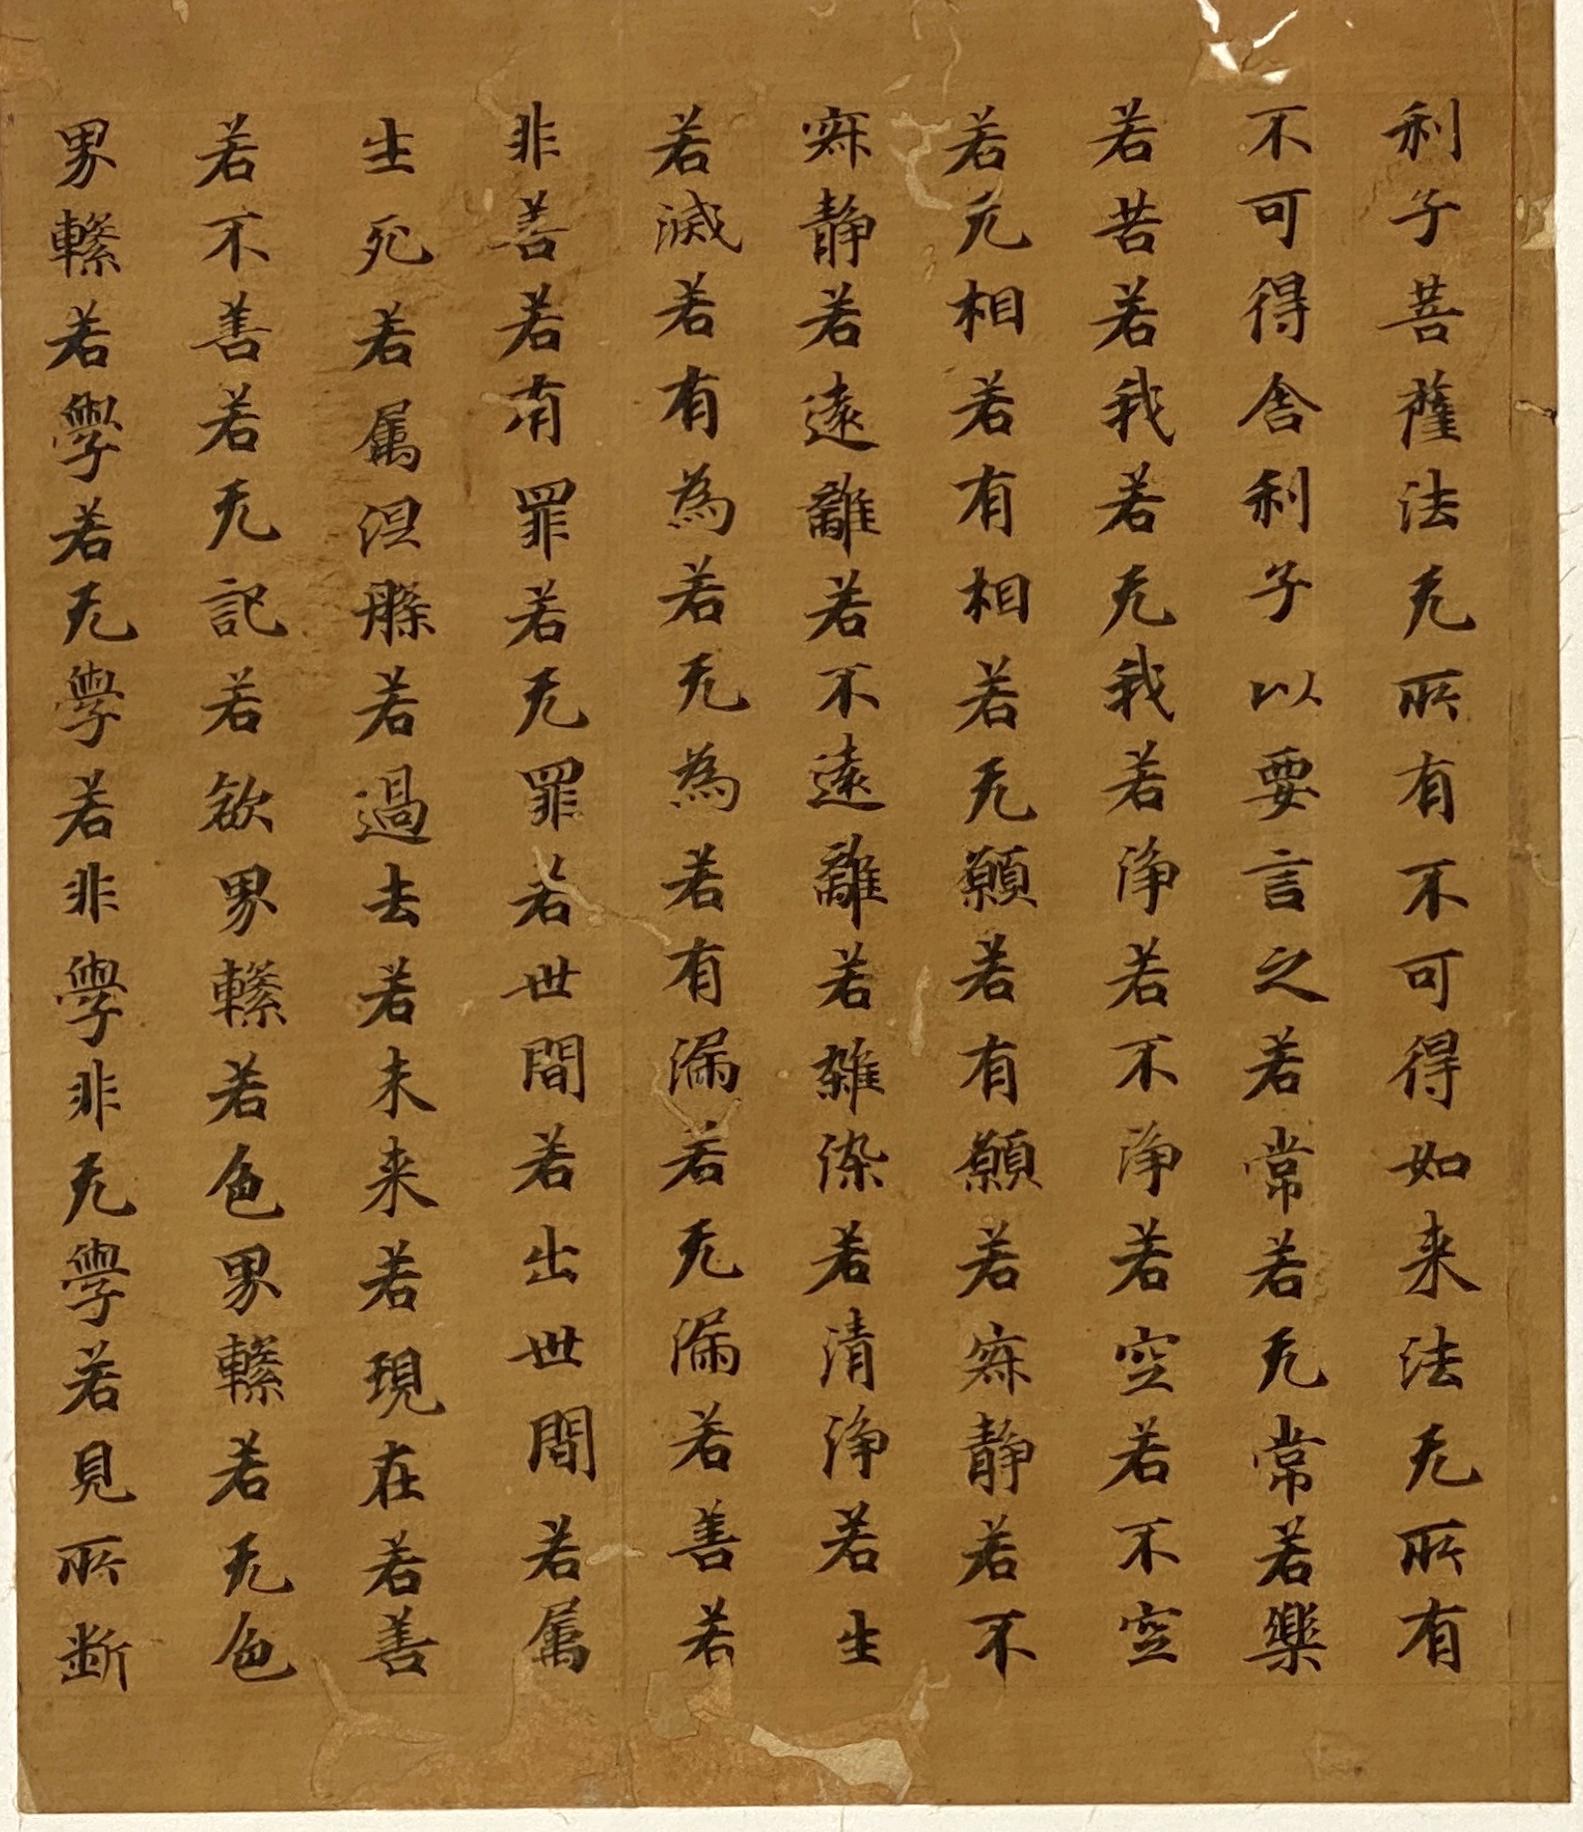 20607八世紀 大般若波羅蜜多経 巻三十八 片 額23.5×20cm